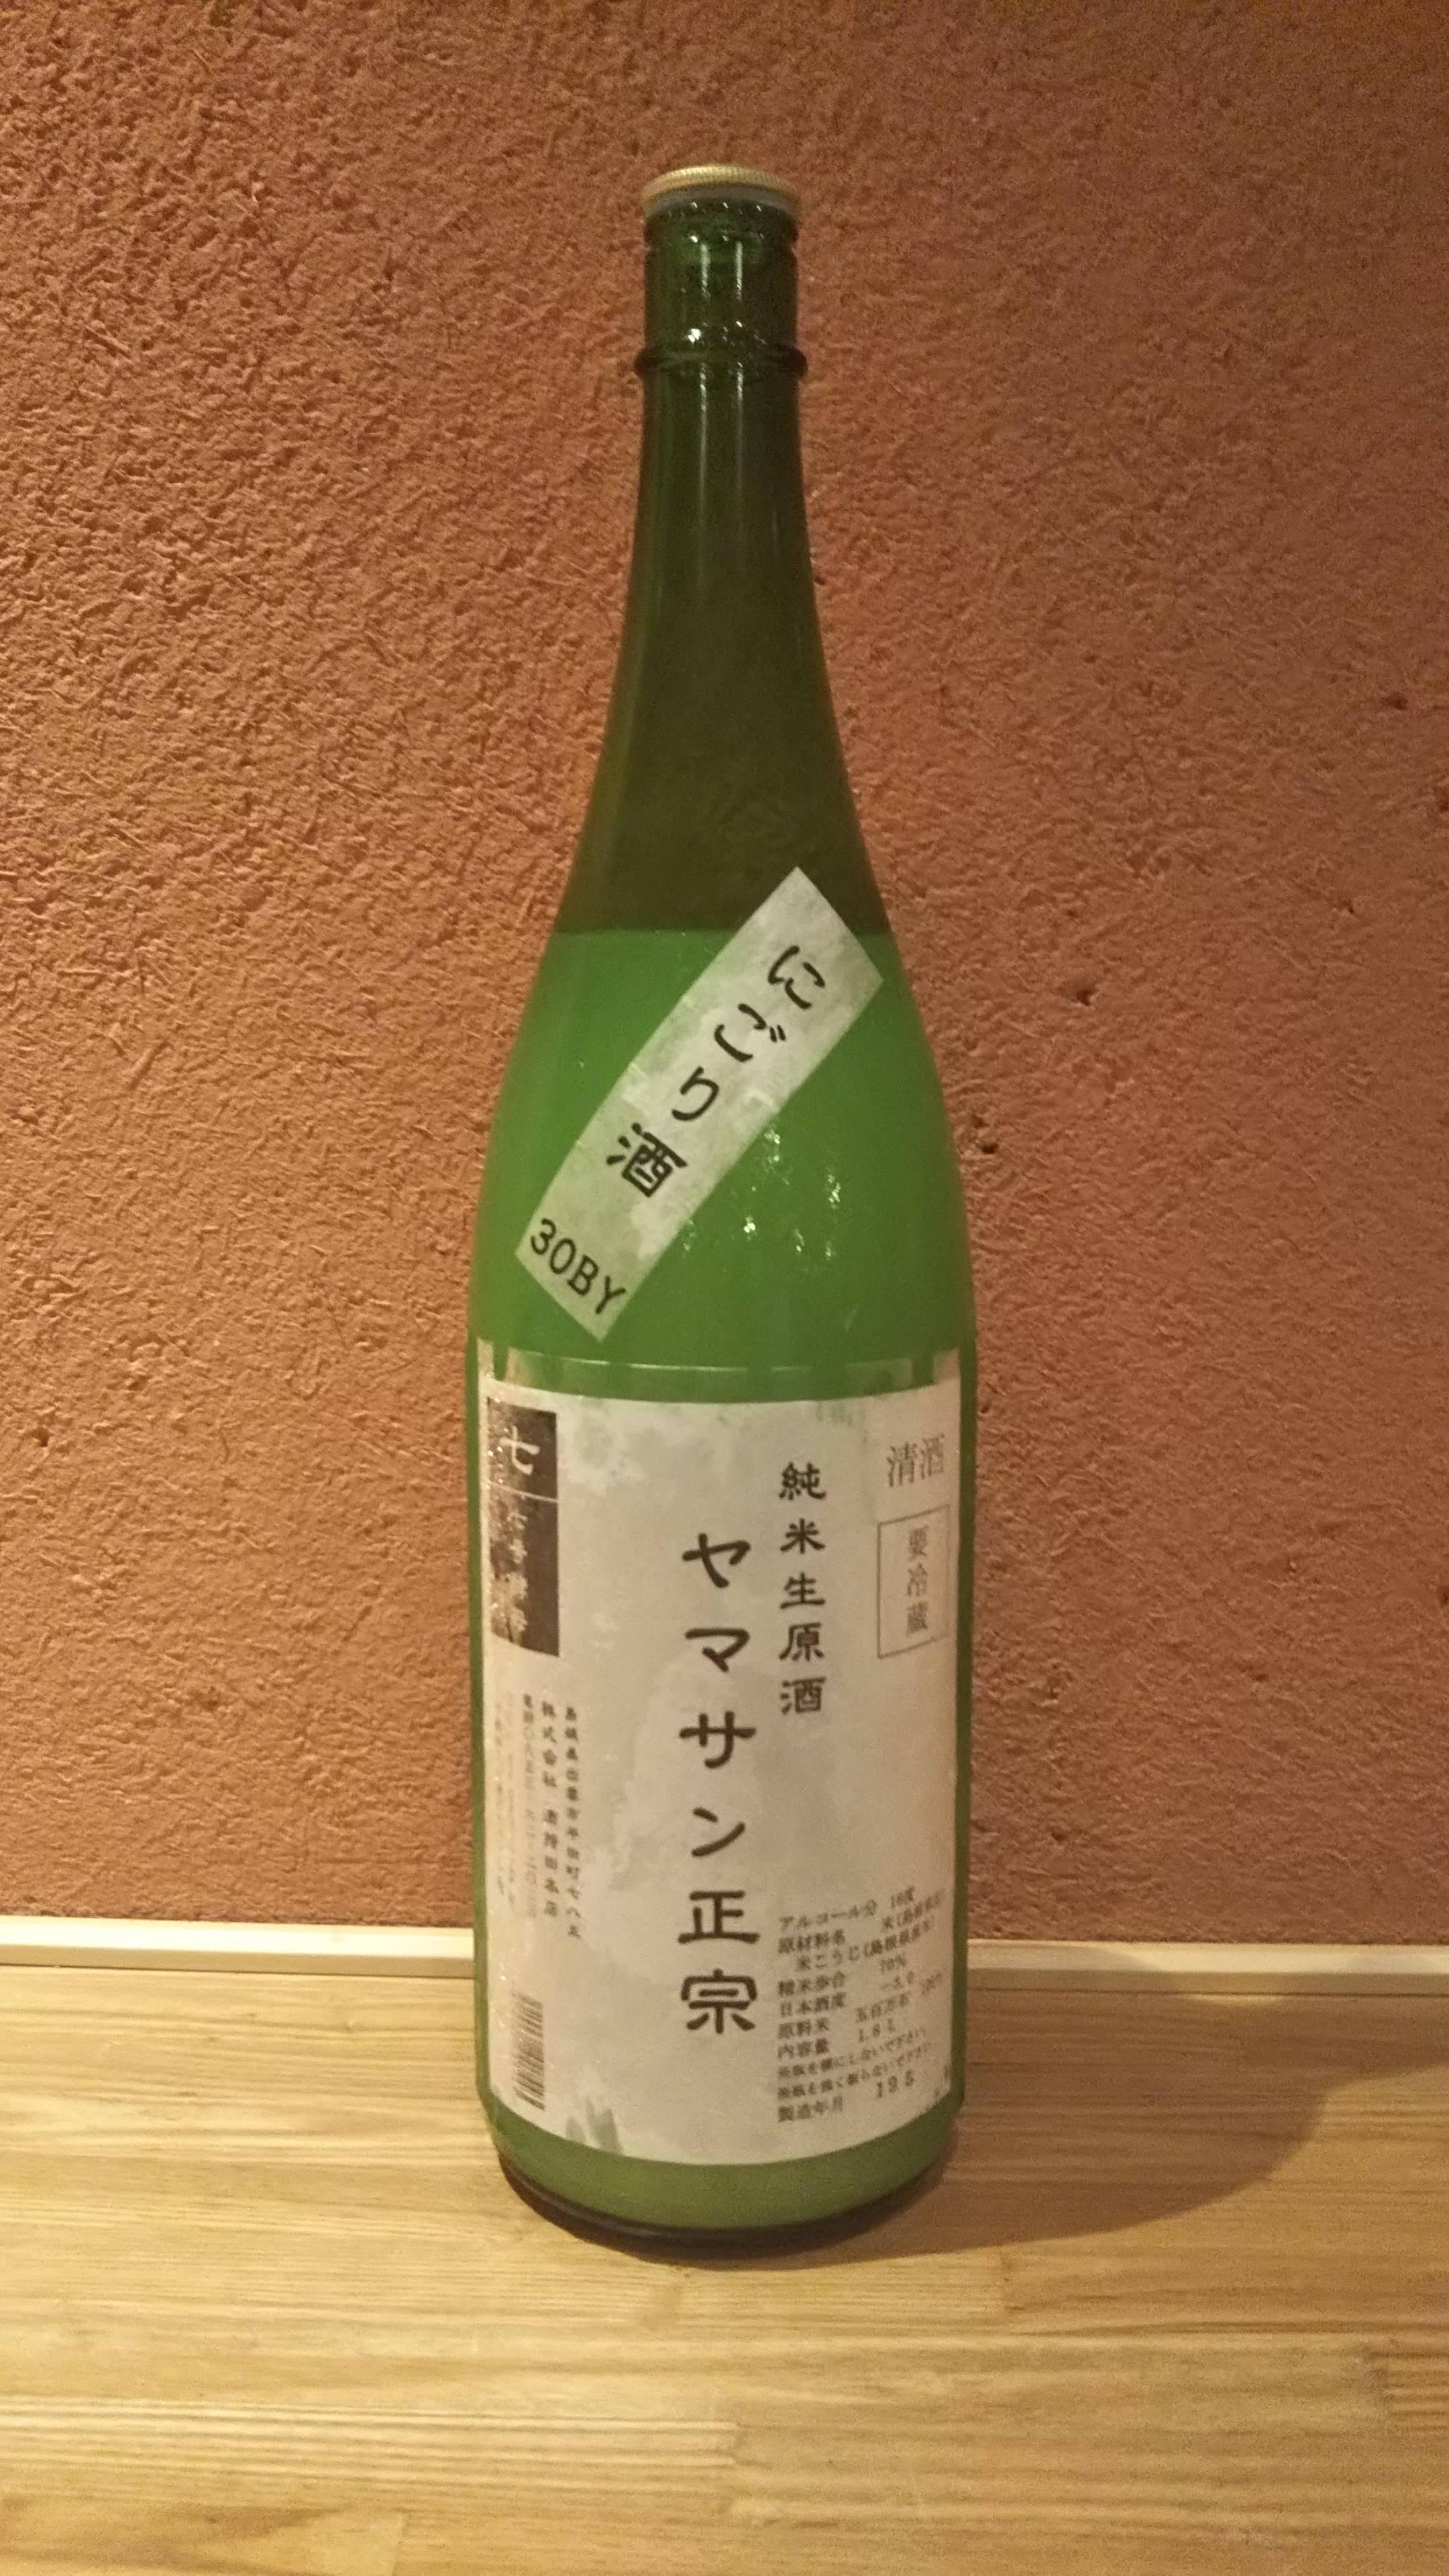 ヤマサン正宗 純米生原酒 にごり酒 30BY原料米 五百万石 精米歩合 70% 日本酒度 -3.0 酸度  アルコール度 18度 酵母